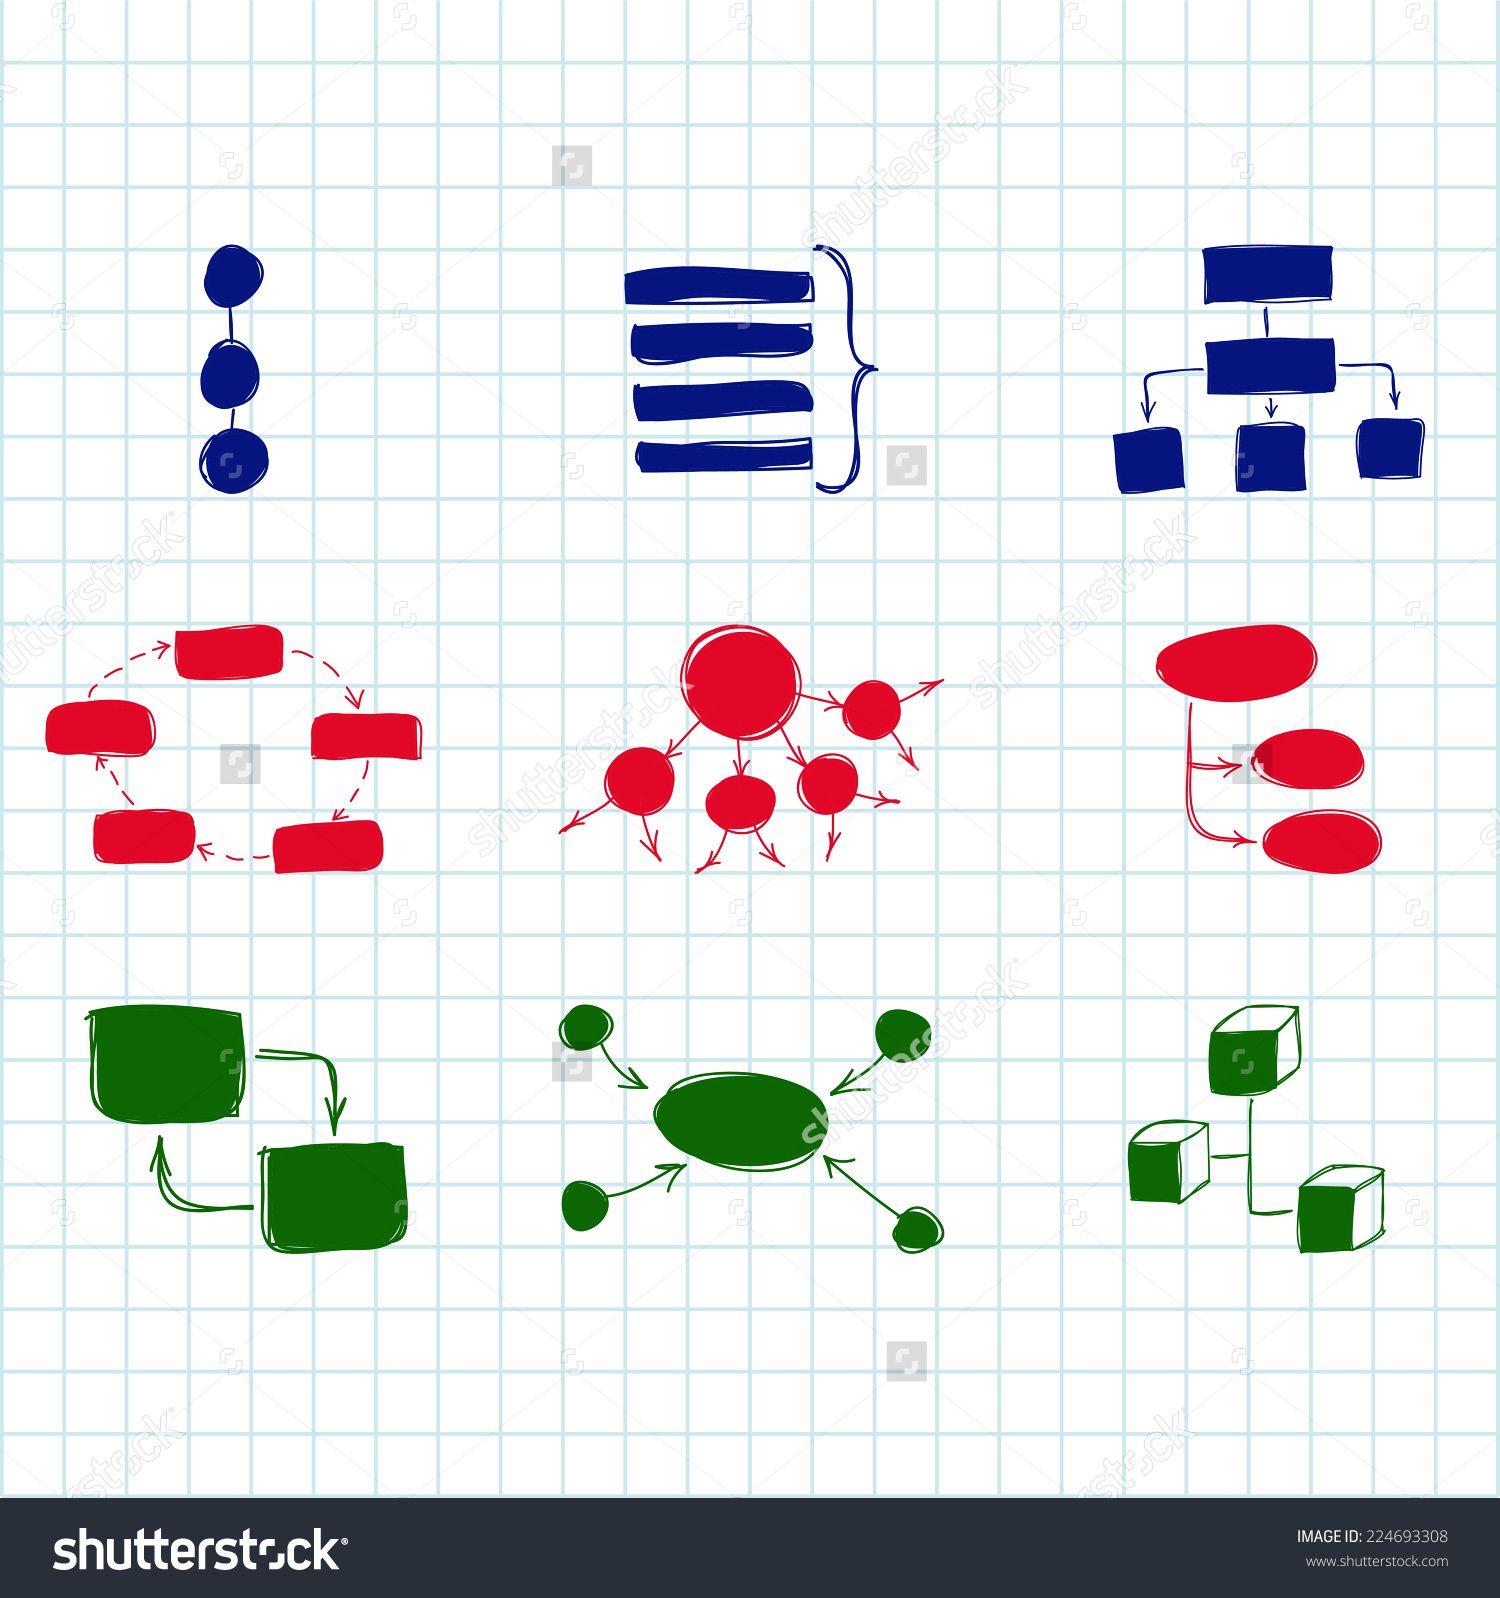 Hand drawn doodle sketch mind map blank flow chart space for text hand drawn doodle sketch mind map blank flow chart space for text concept business nvjuhfo Images